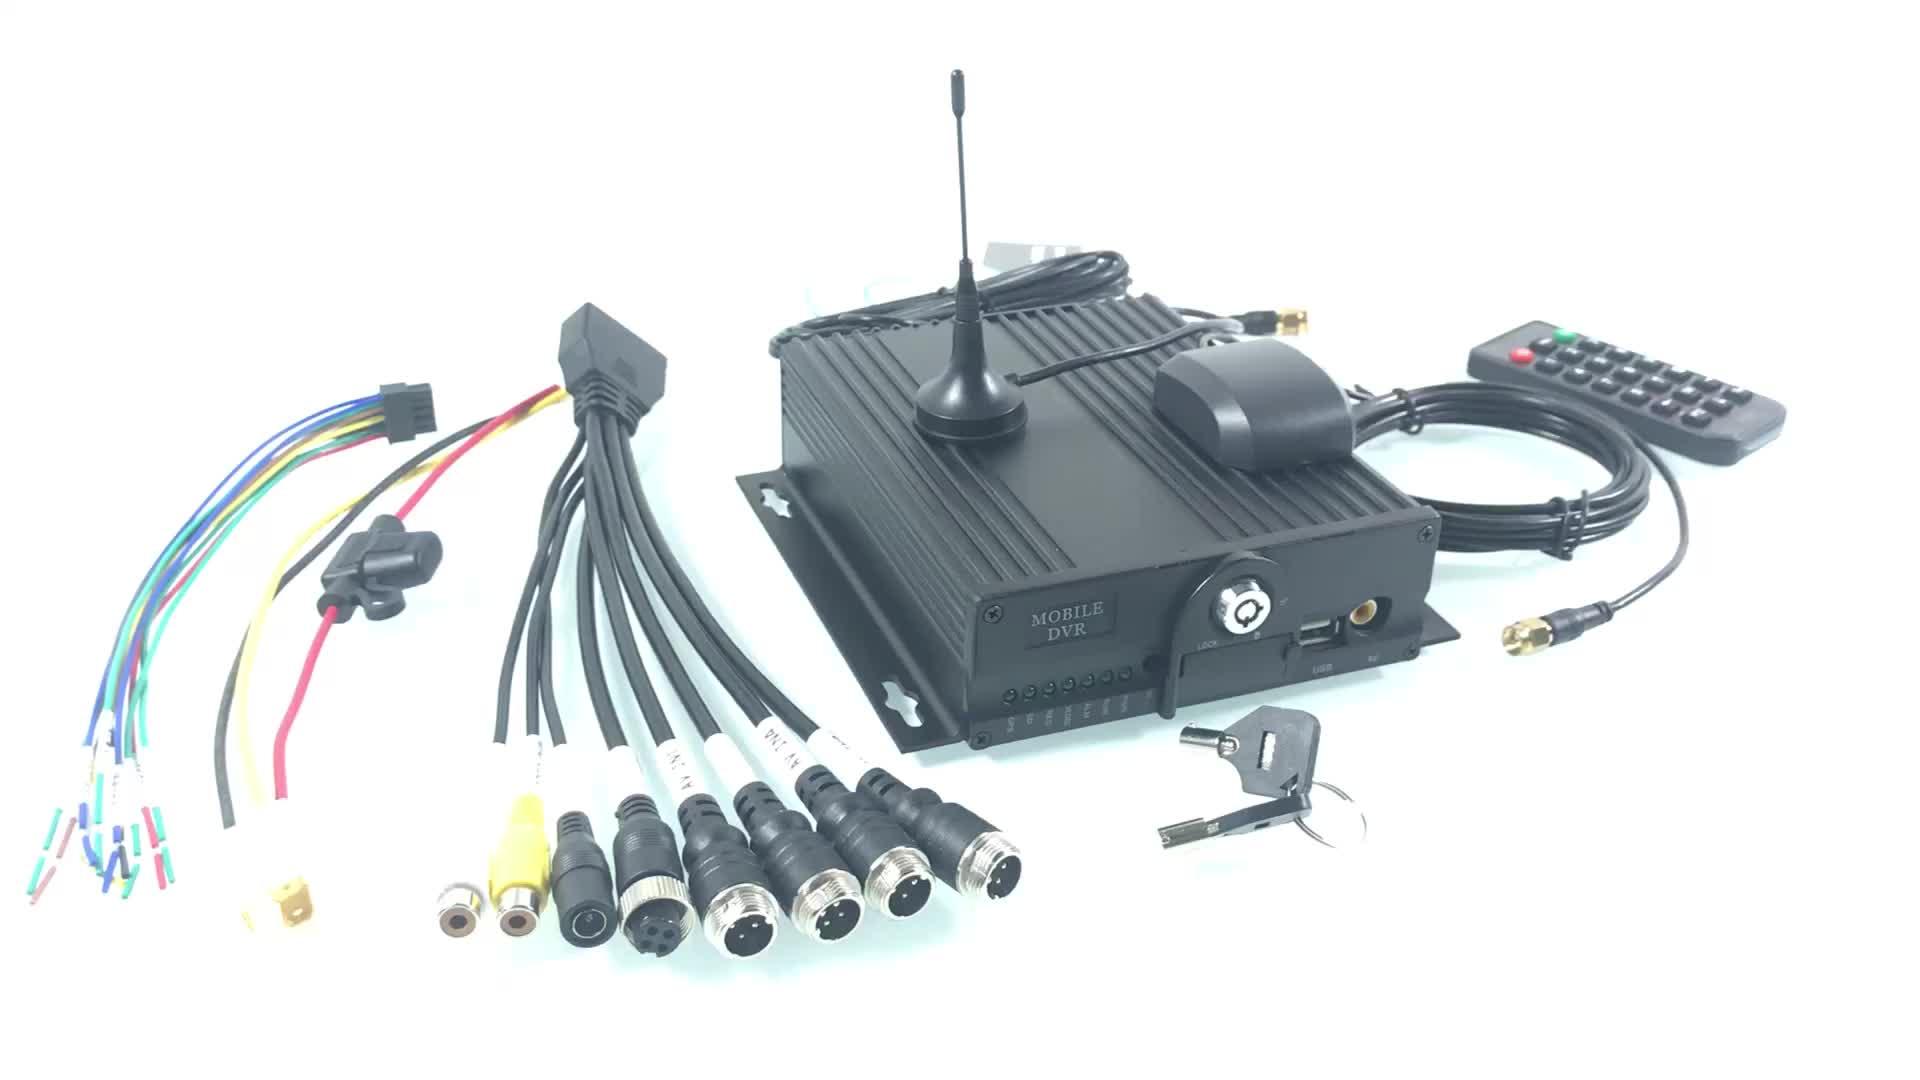 HYFMDVR 4-kênh kép sd thẻ công nghệ hỗ trợ từ xa hd video máy chủ giám sát 24v điện áp rộng thực thời gian giám sát mạng